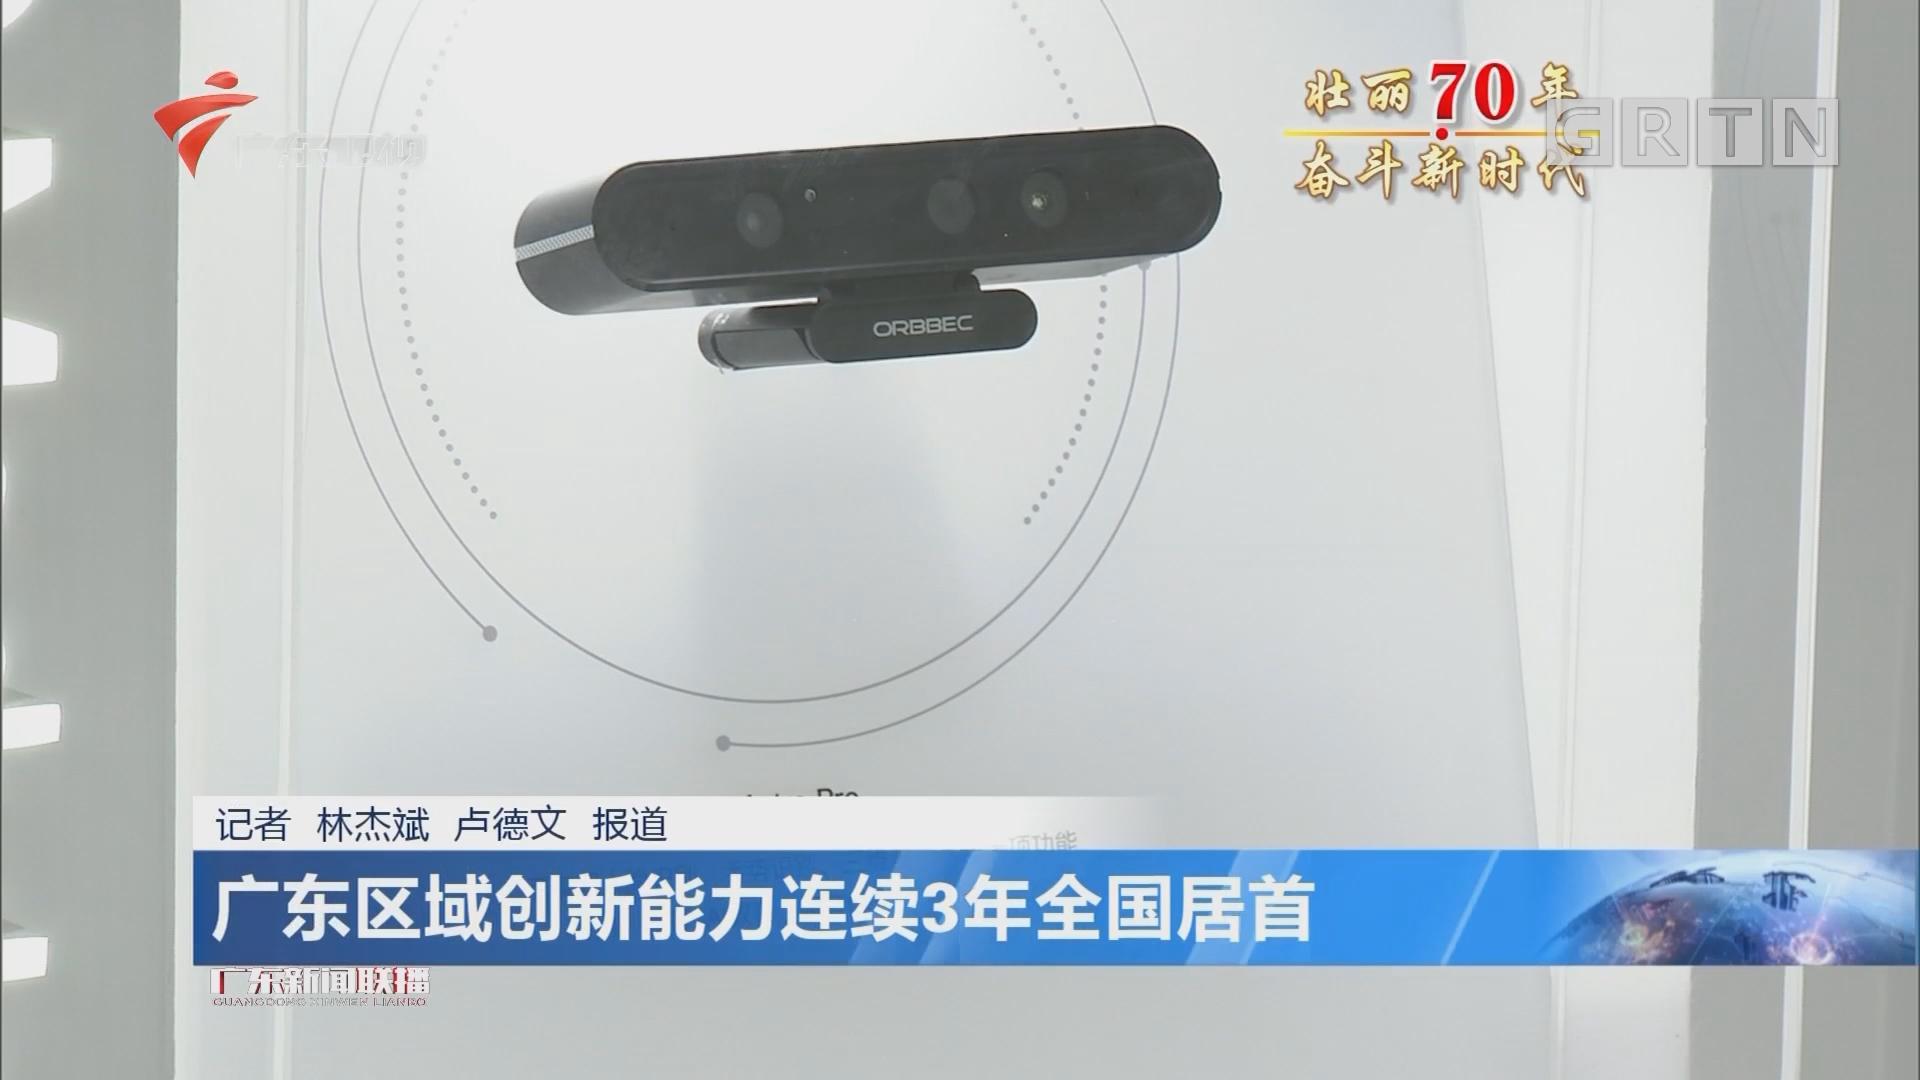 广东区域创新能力连续3年全国居首